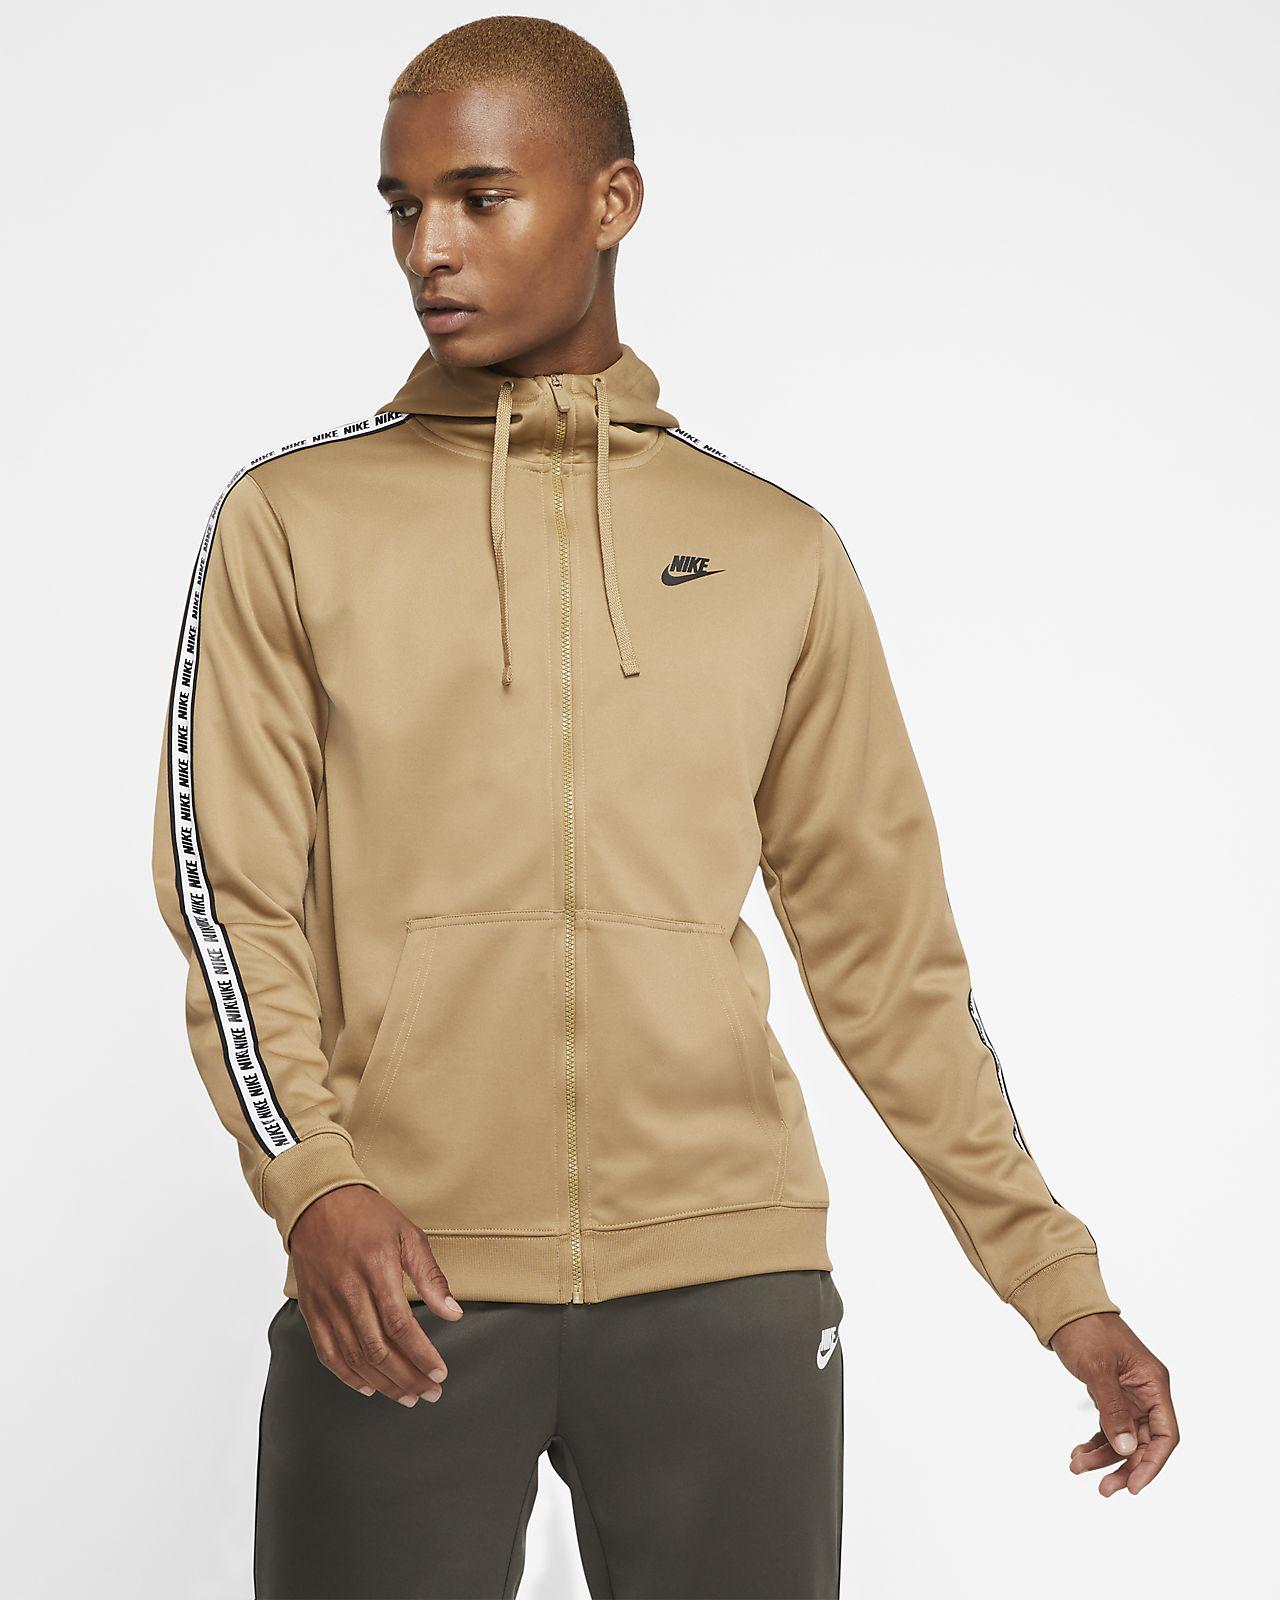 Nike Sportswear Sudadera con capucha con cremallera completa - Hombre